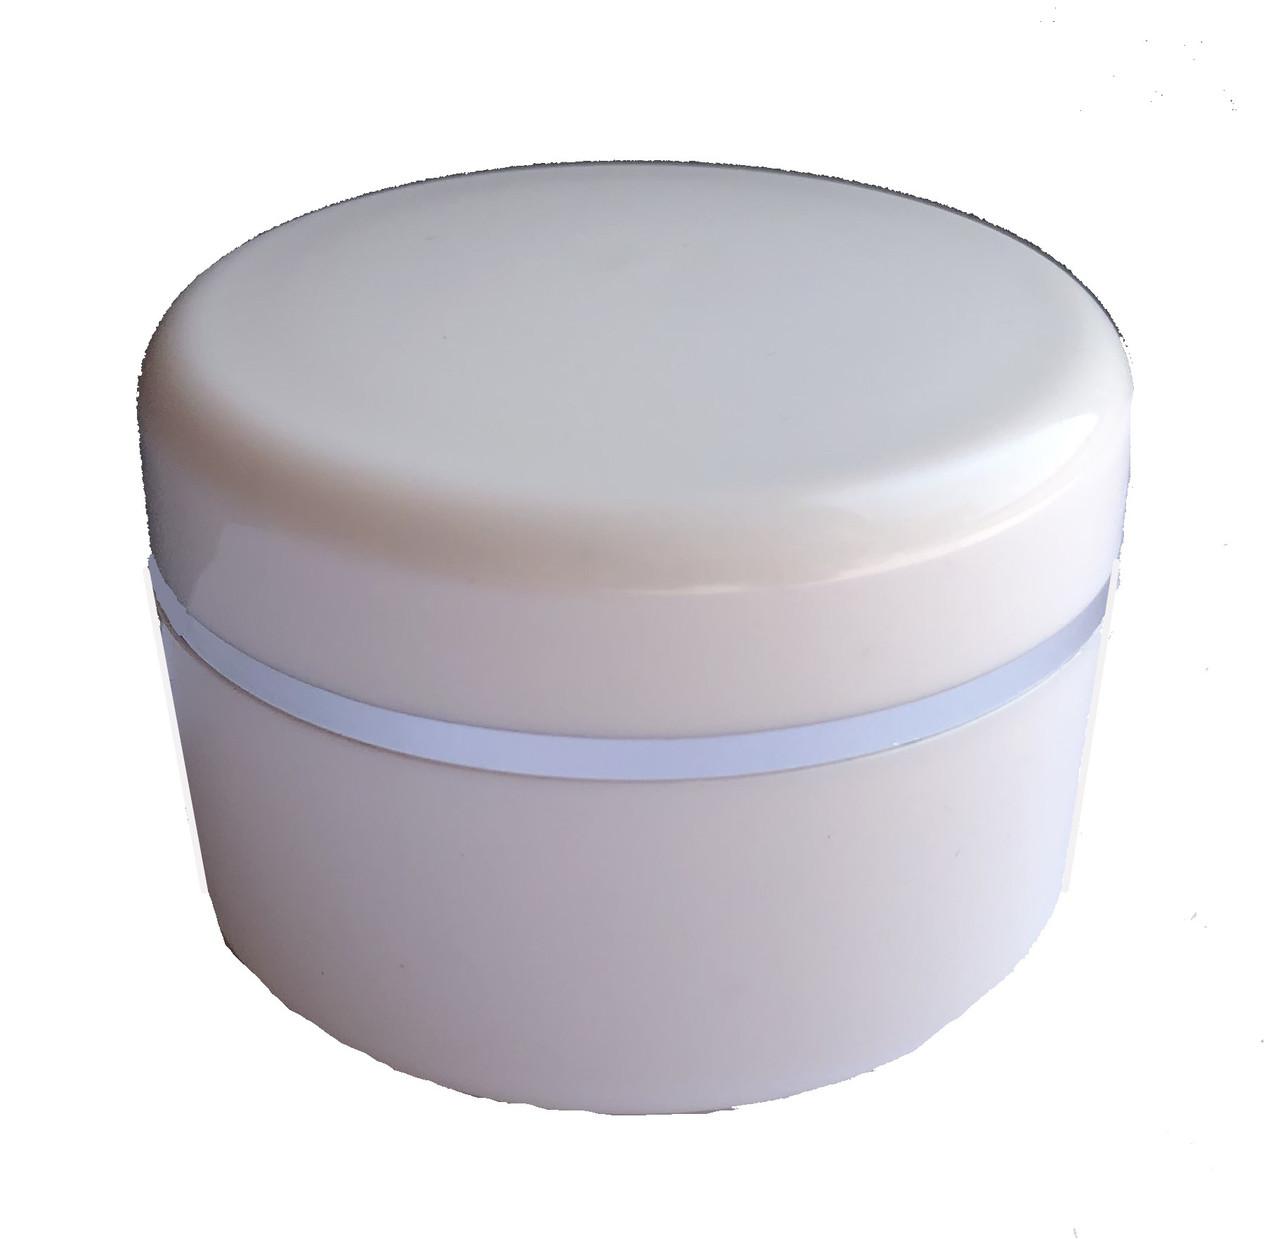 Пластиковая баночка с винтовой крышкой 4 см на 2 см ( 15 гр)